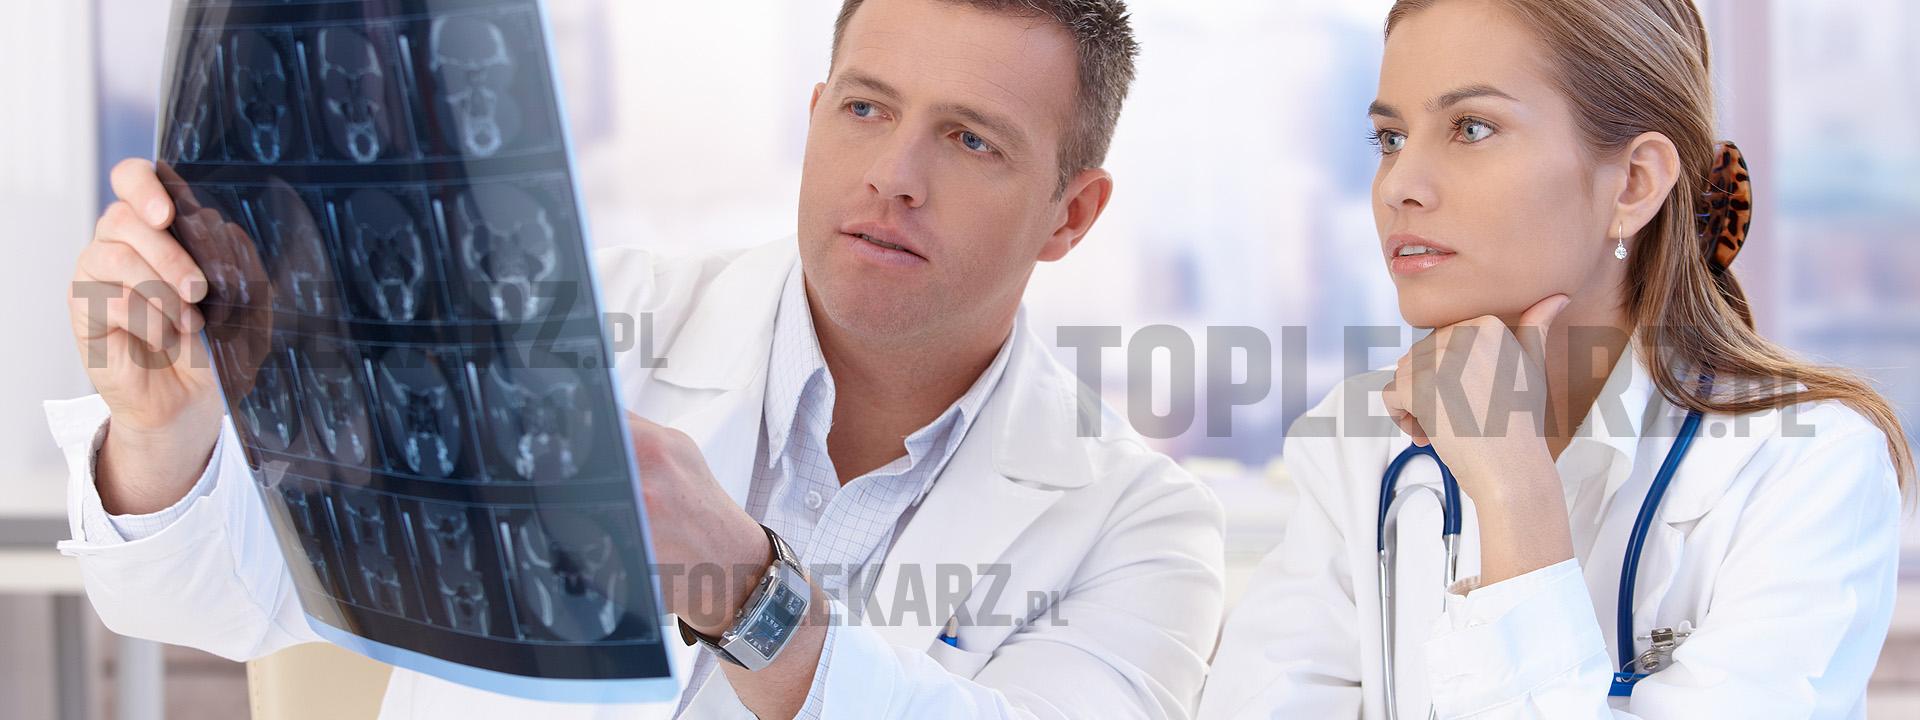 Najlepsi Lekarze